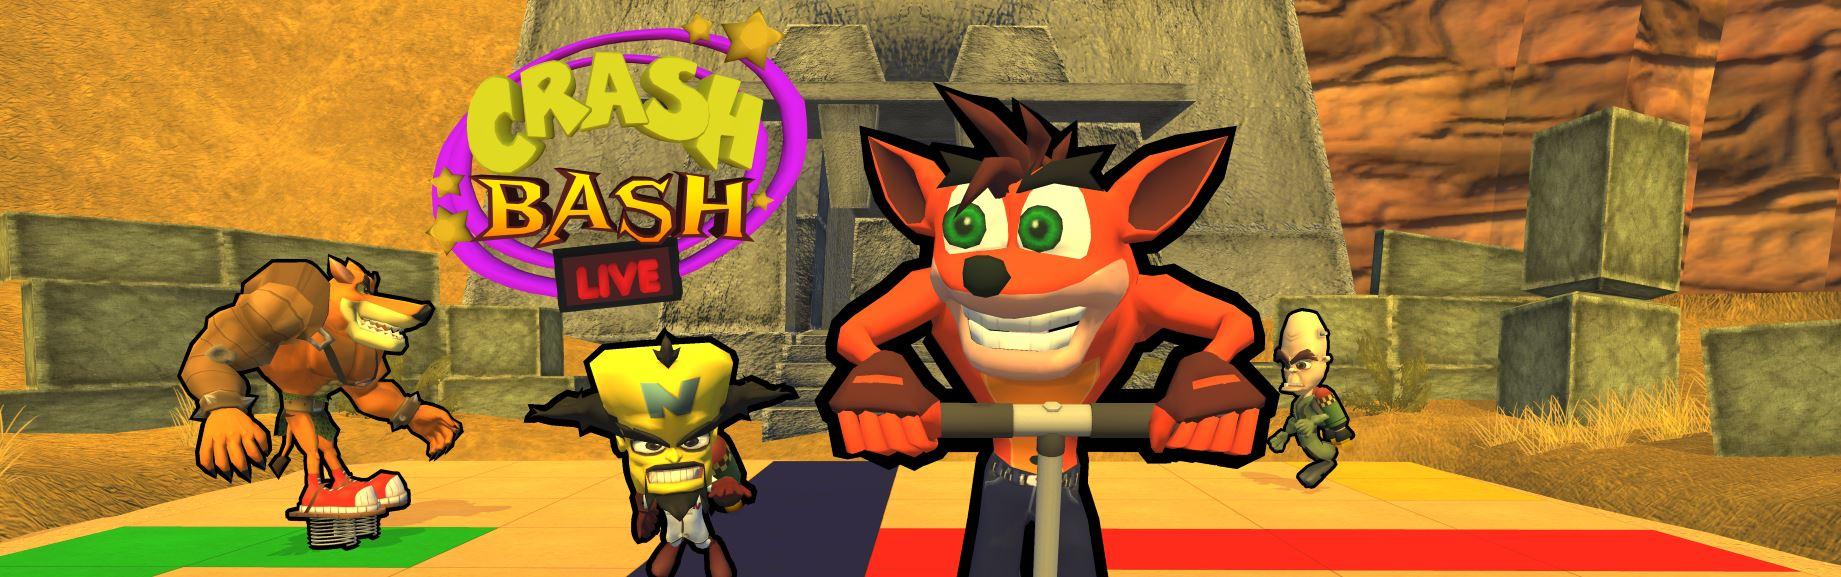 Crash Bash LIVE!